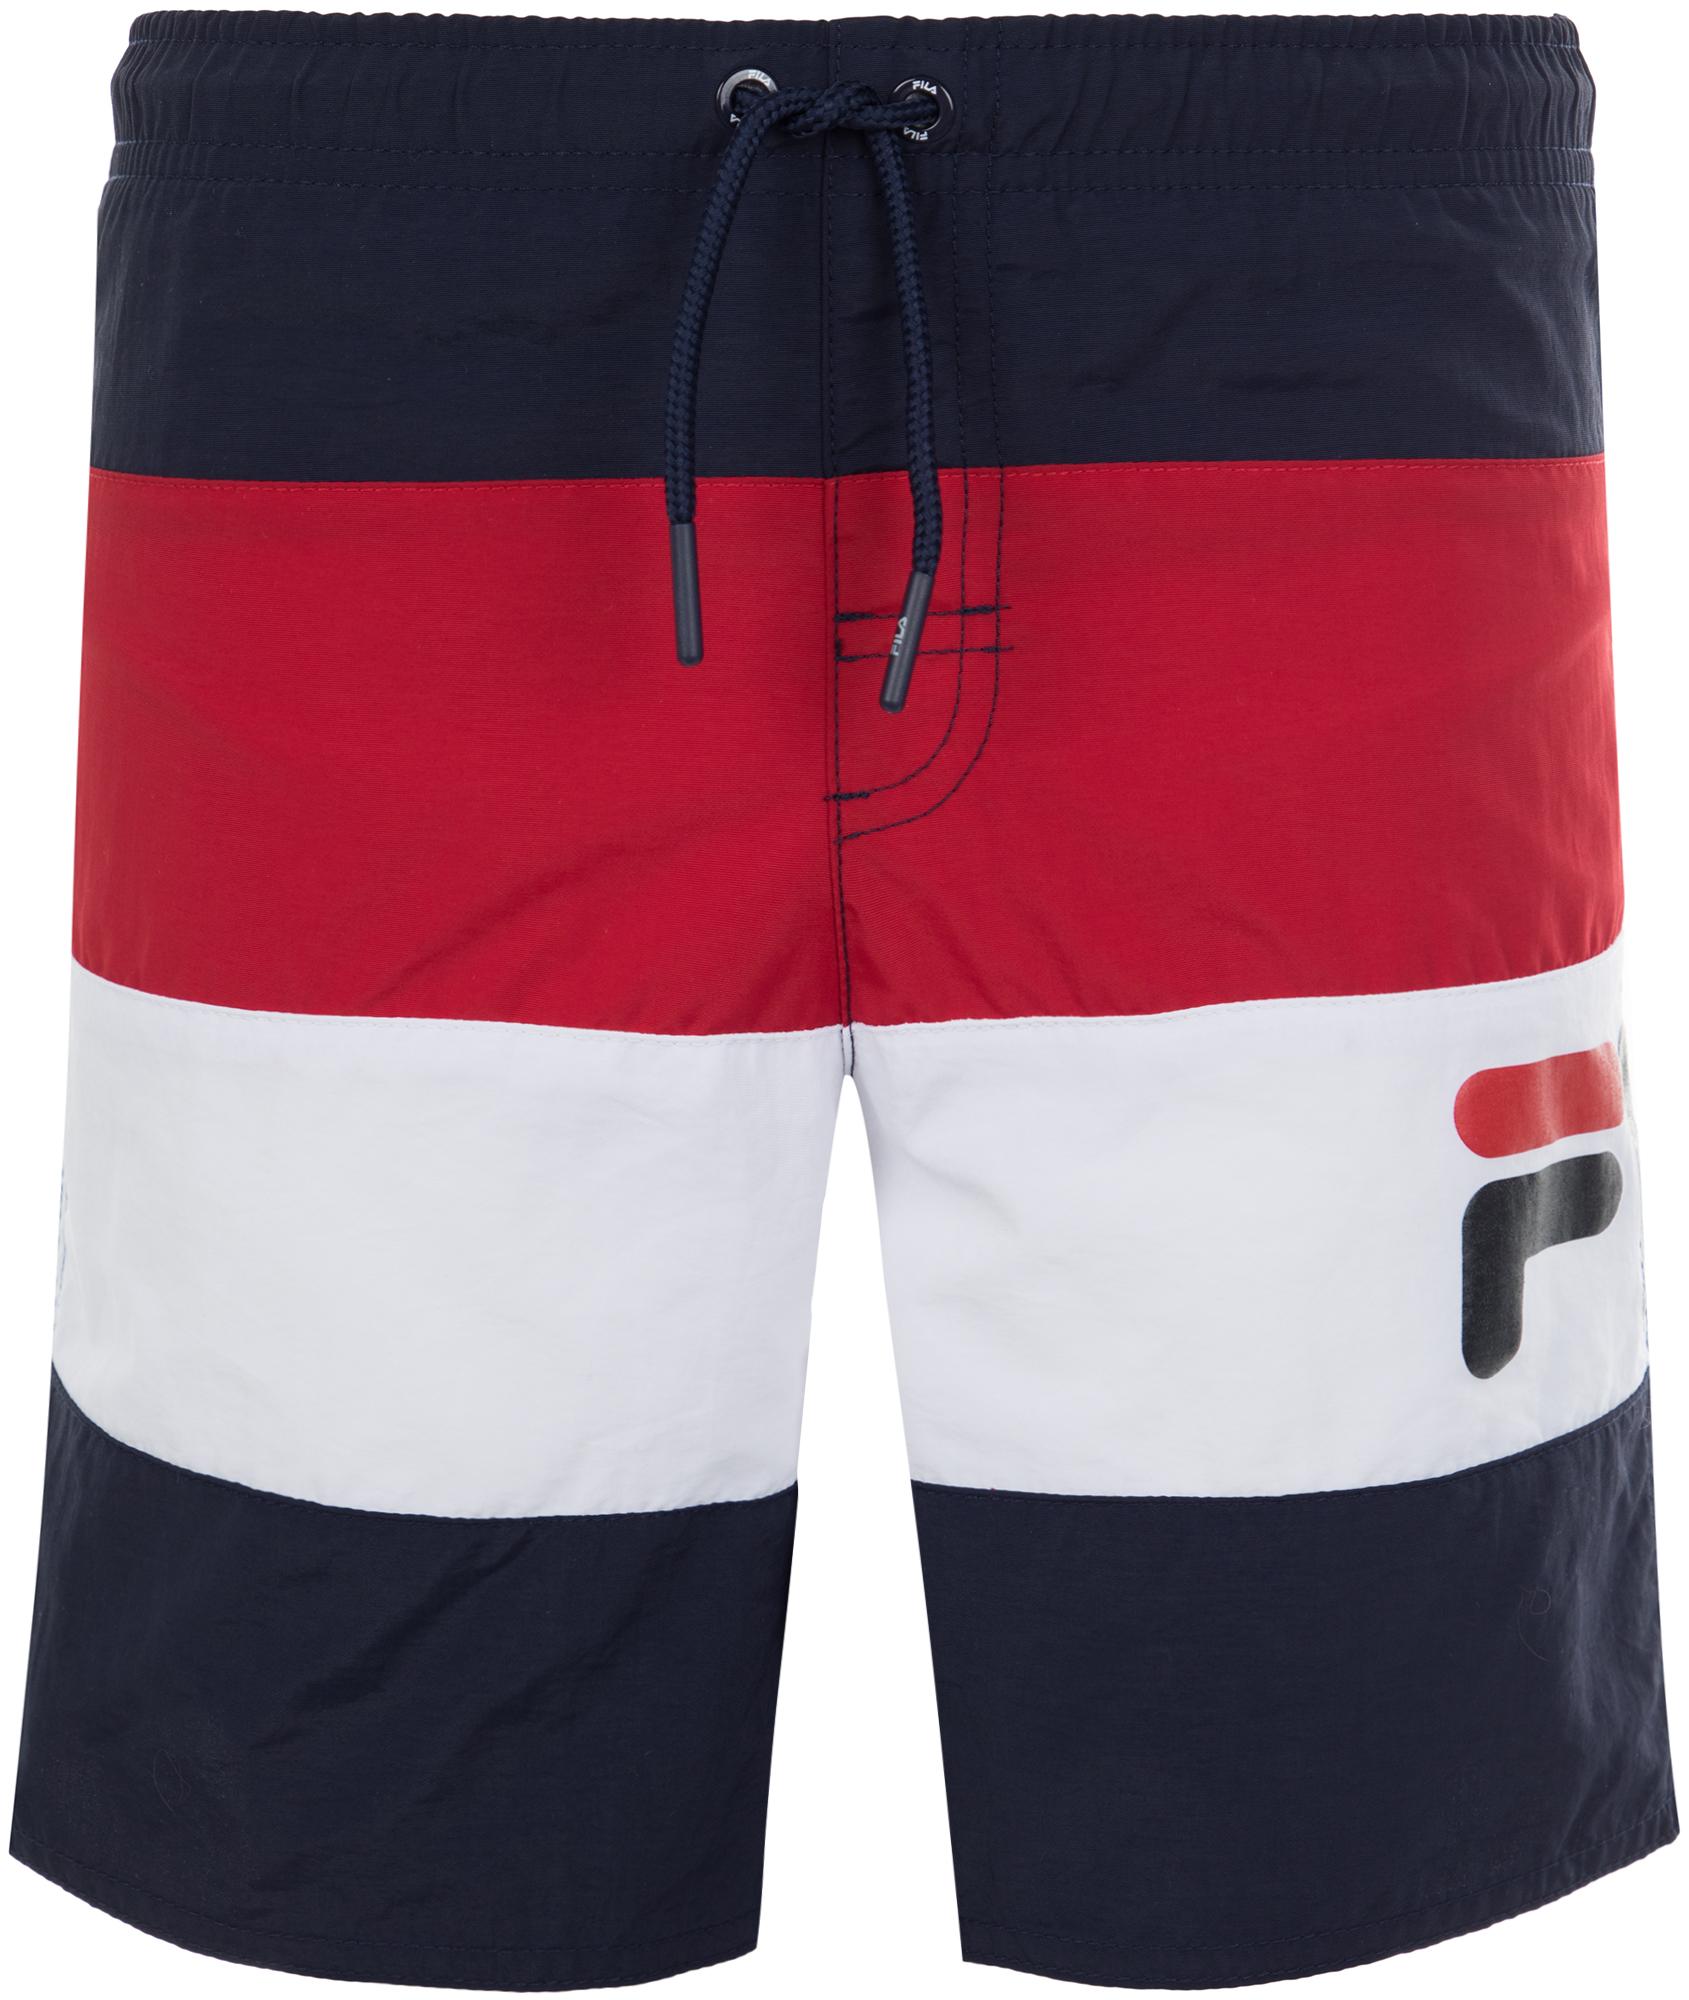 Фото - FILA Шорты плавательные для мальчиков FILA, размер 164 fila шорты плавательные для мальчиков fila размер 164